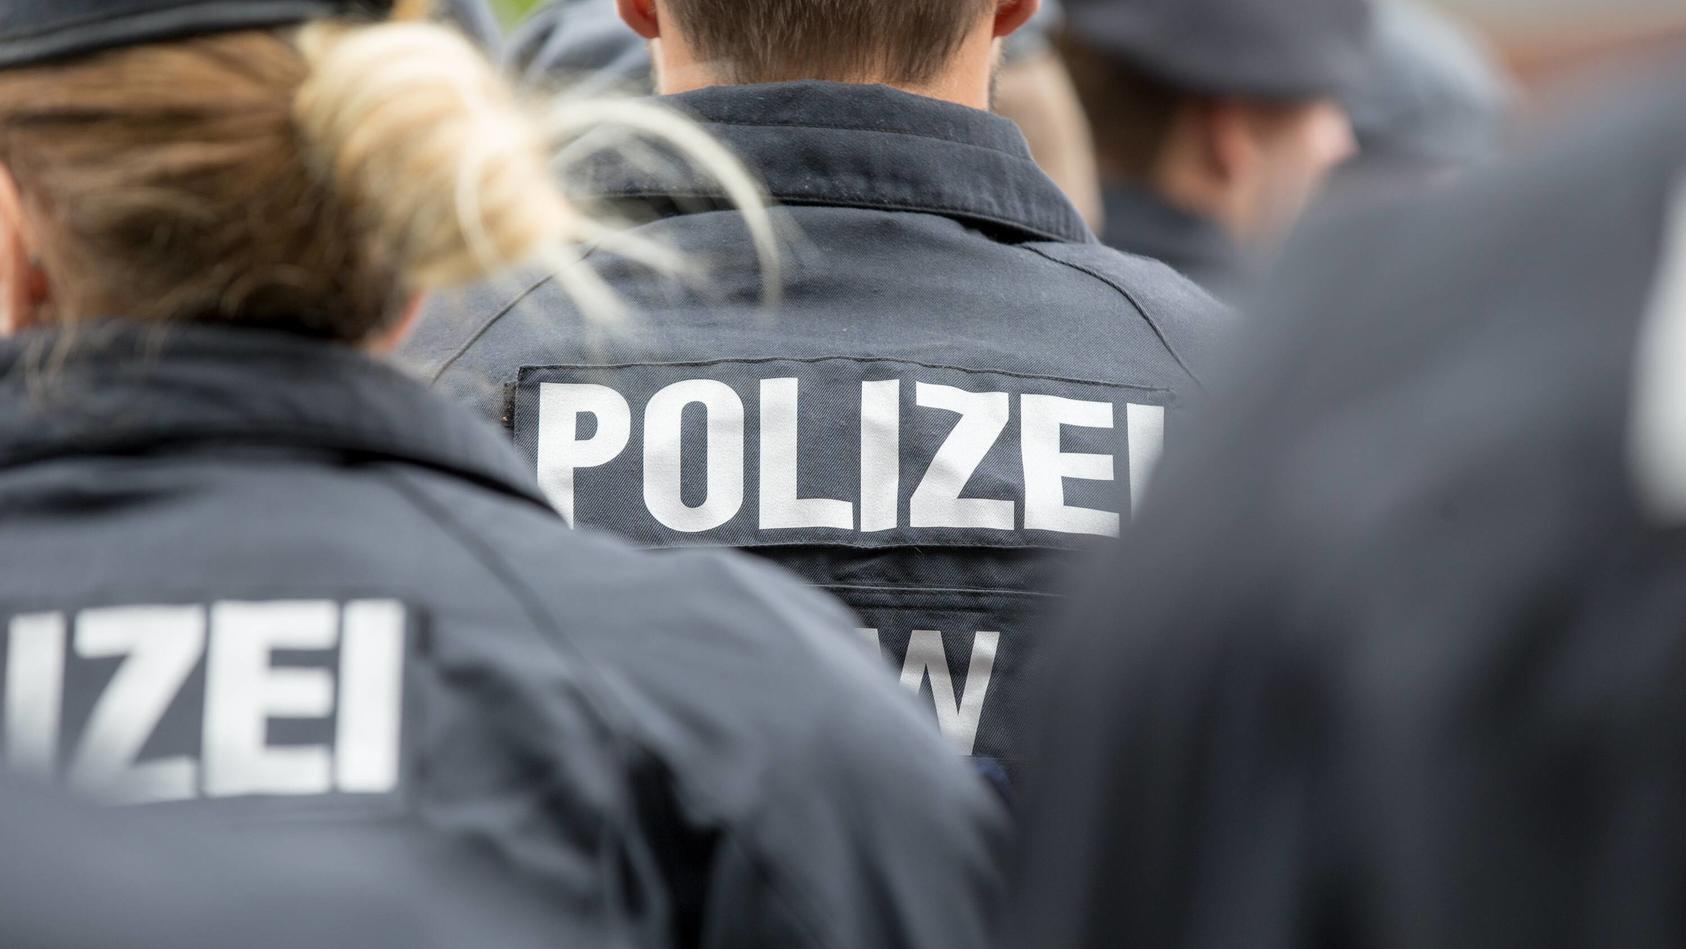 Polizisten einer Einsatzhundertschaft der Polizei NRW